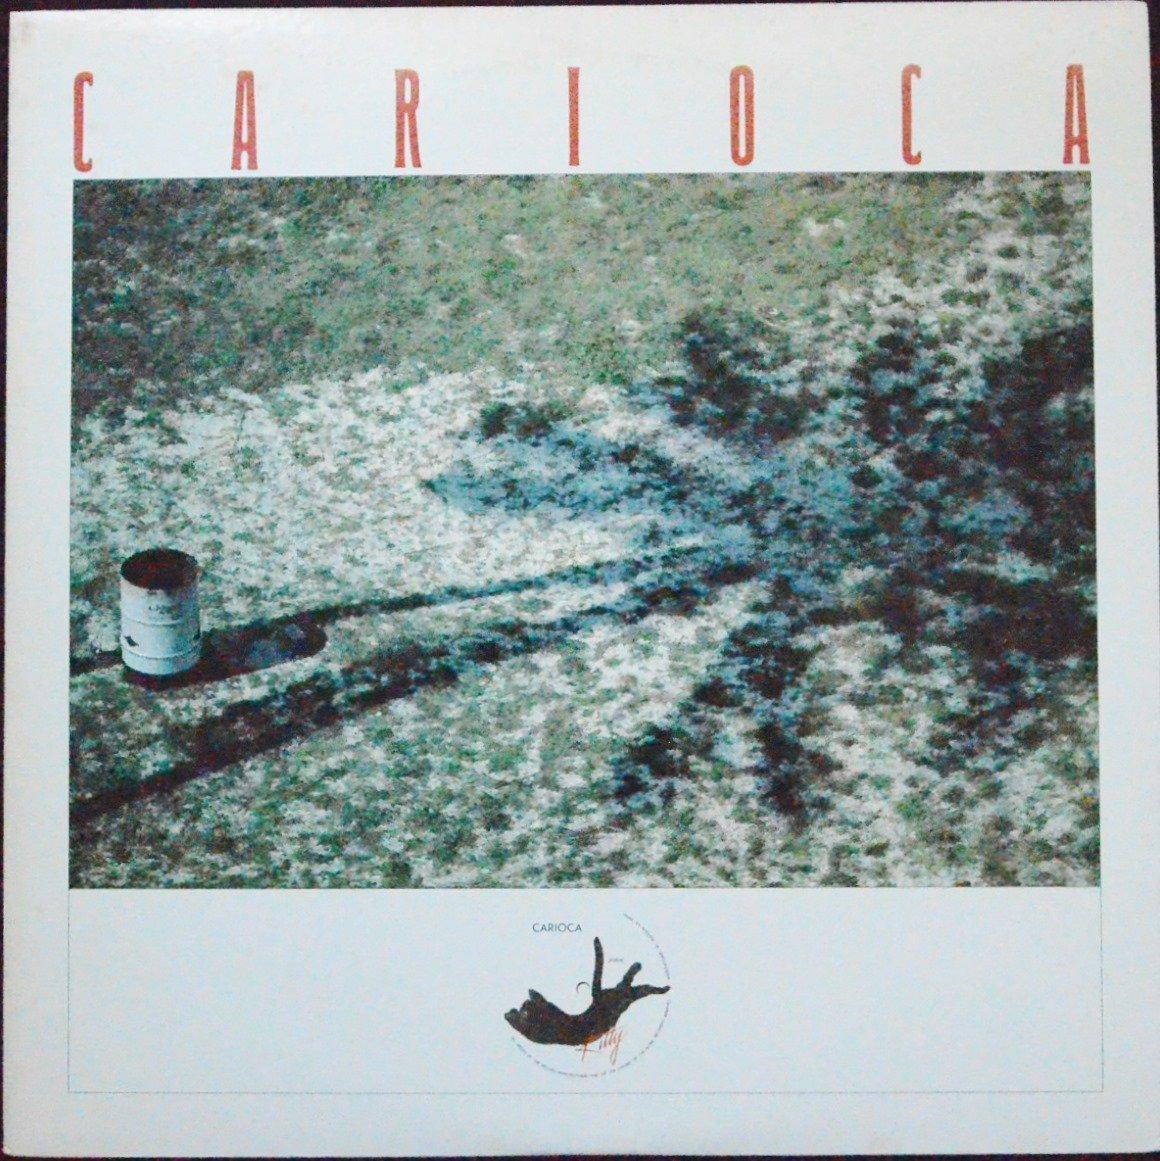 カリオカ CARIOCA / CARIOCA (LP)